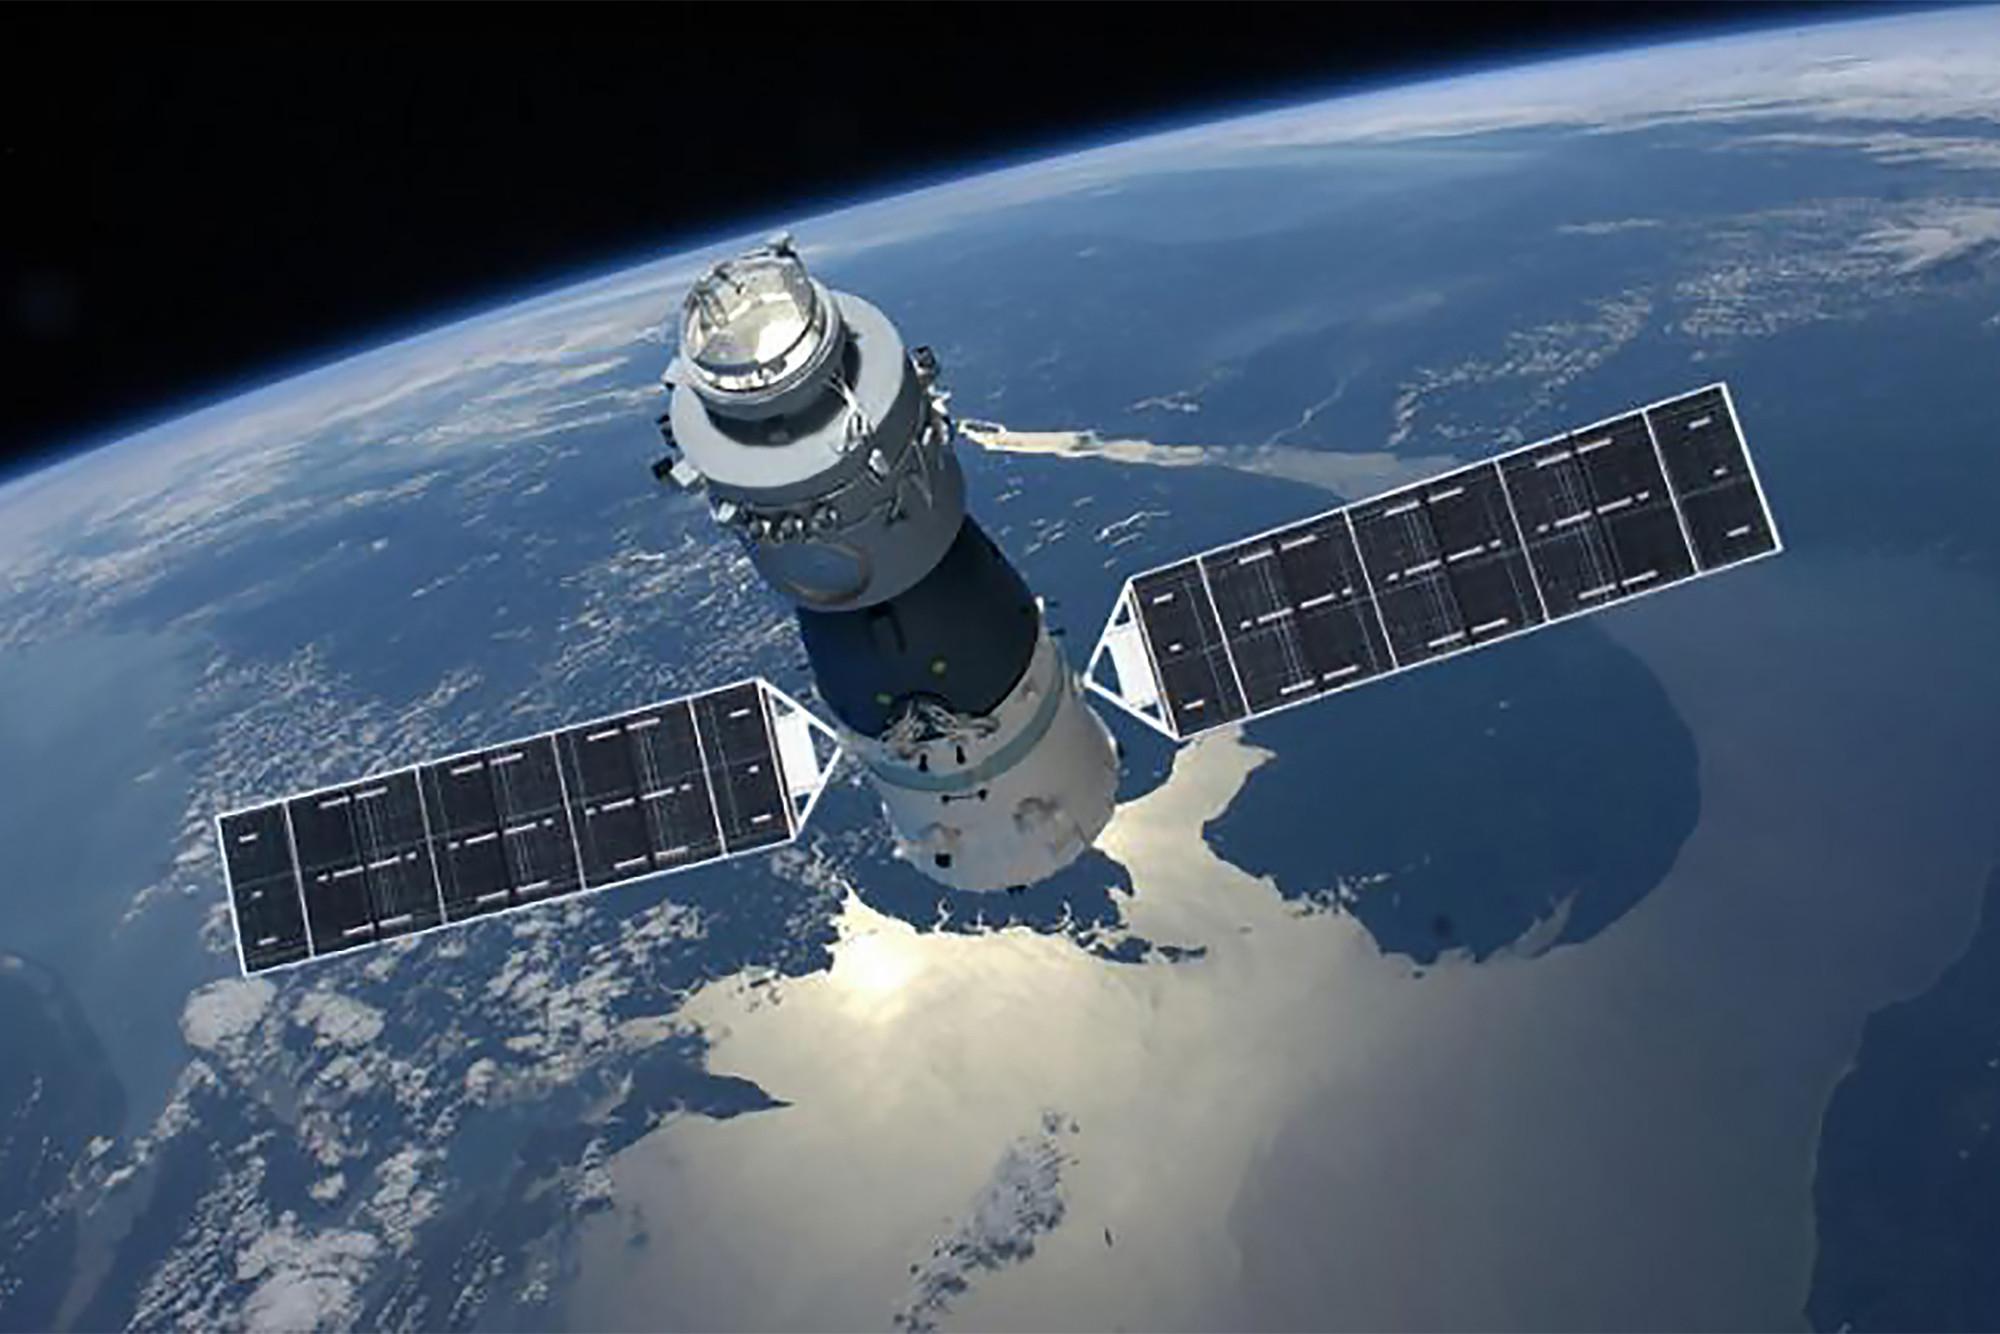 ESA уточнило сроки падения китайской станции «Тяньгун-1» на Землю, но никто по-прежнему не знает, куда именно она упадет